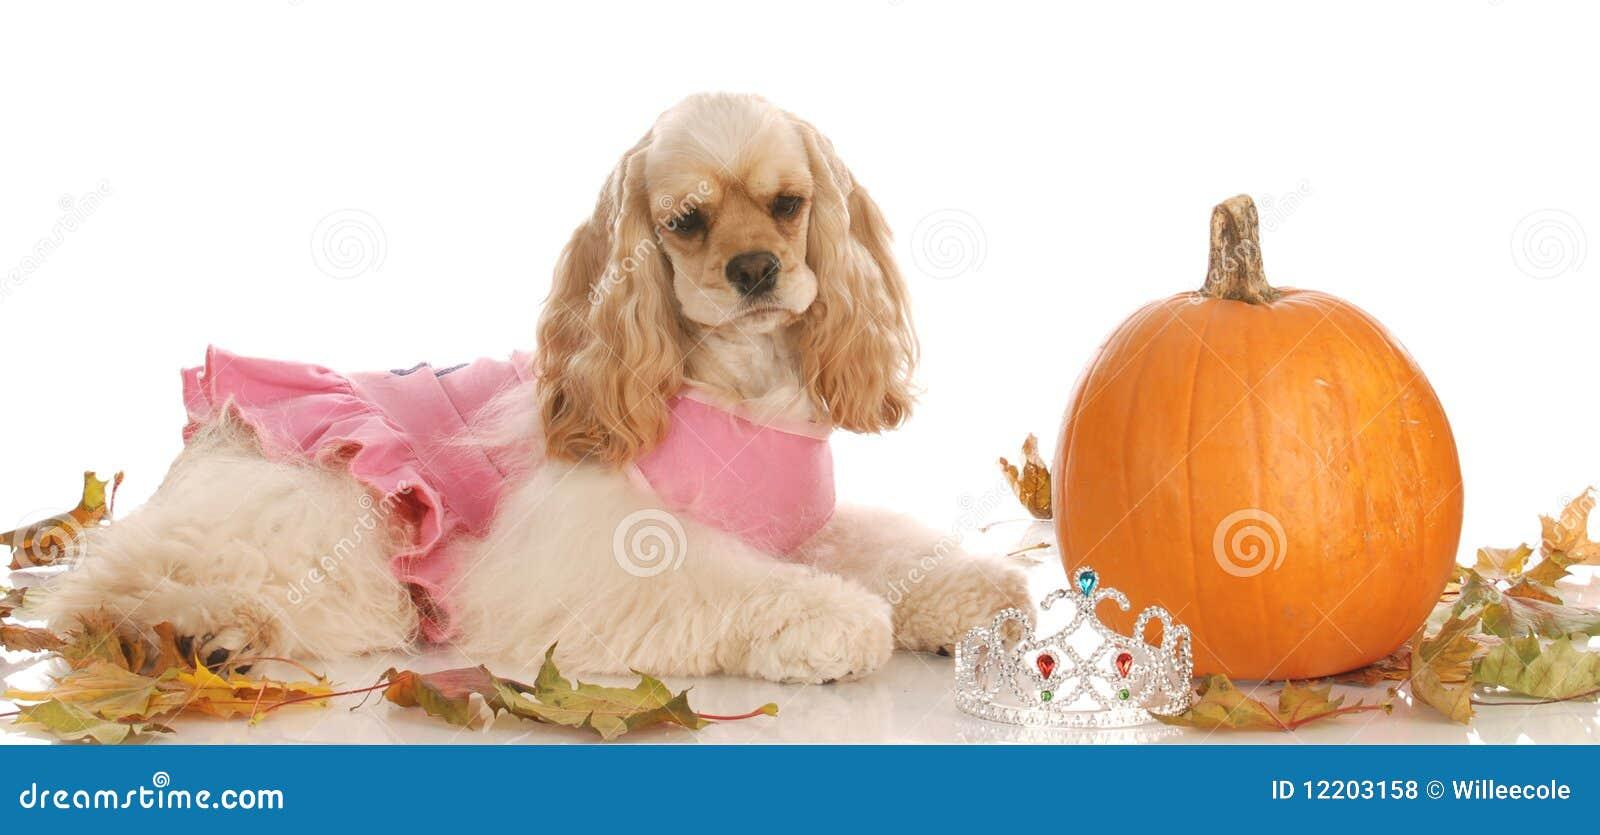 Hund in der Halloween-Einstellung